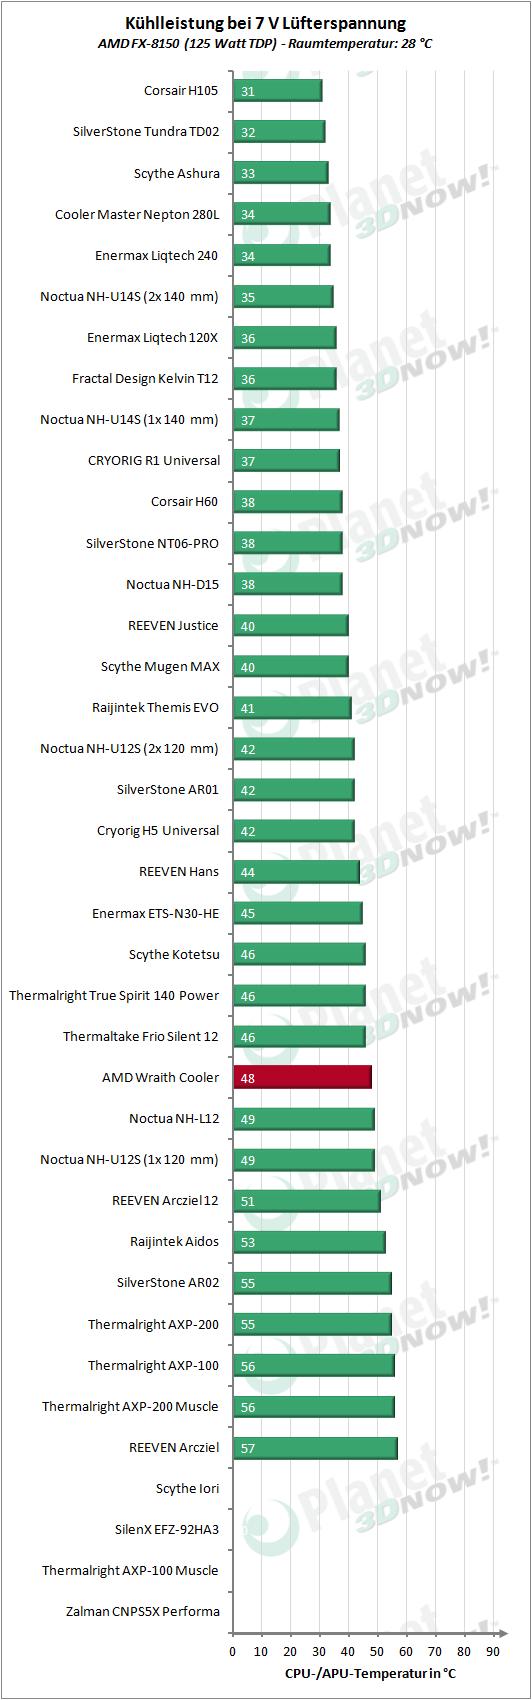 AMD_Wraith_Cooler_7V_125W